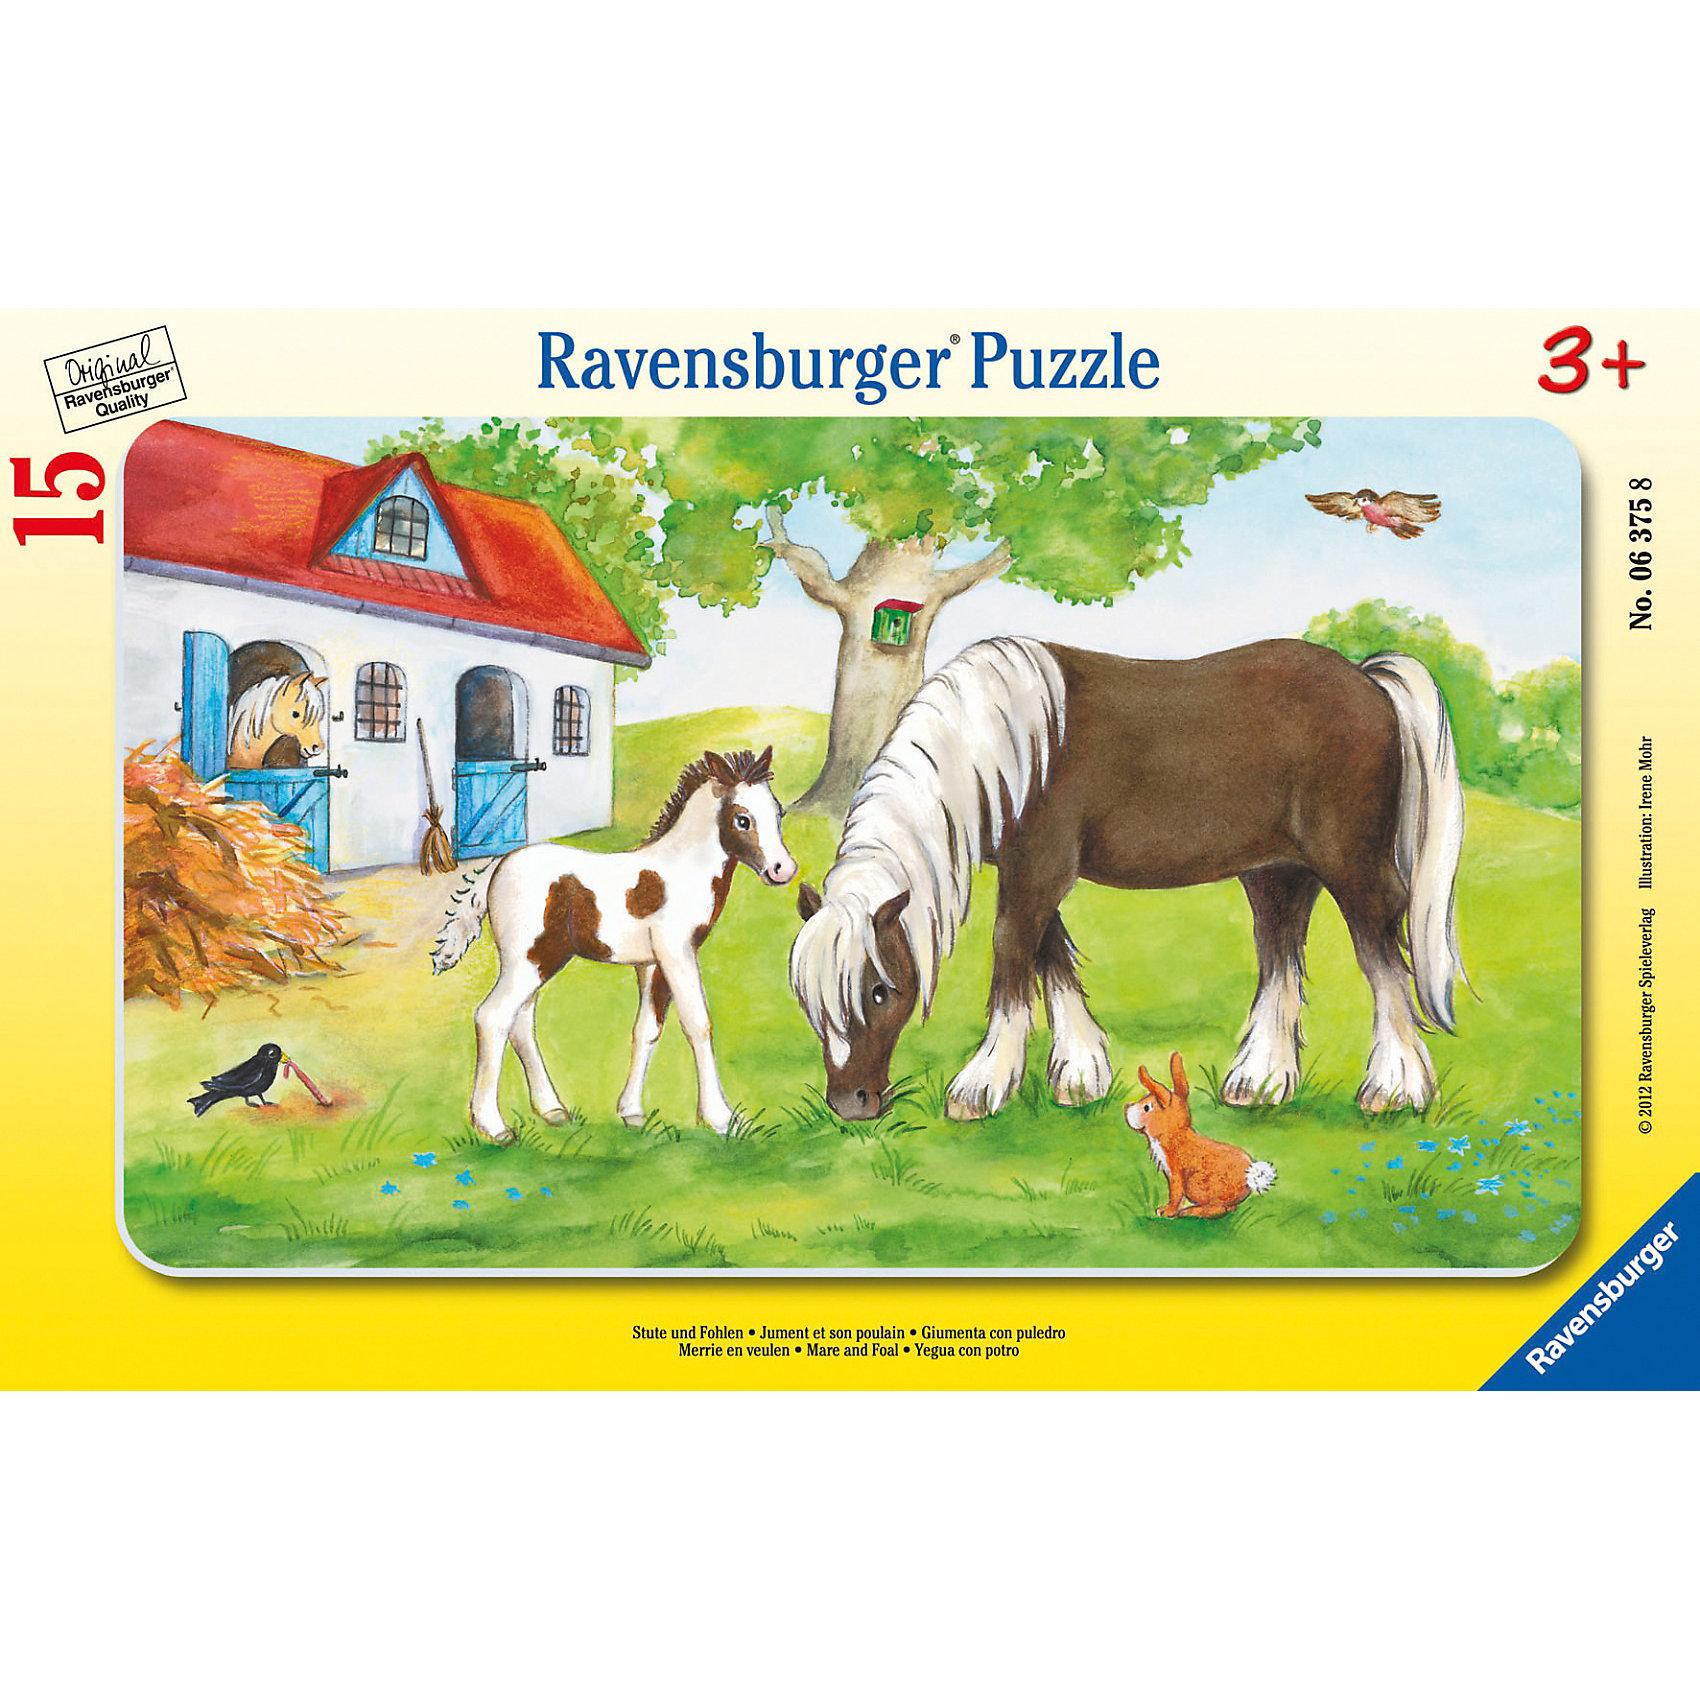 Пазл «Кобыла с жеребенком», 15 деталей, RavensburgerПазлы для малышей<br>Пазл «Кобыла с жеребенком», 15 деталей, Ravensburger (Равенсбургер).<br><br>Характеристика:<br><br>• Материал: картон. <br>• Размер упаковки: 29,5х19 см. <br>• Размер готовой картинки: 25х14,5 см. <br>• Количество деталей: 15.<br><br>Дети обожают собирать пазлы. Это очень интересное и полезное занятие, которое поможет ребенку развить мелкую моторику, внимание, цветовосприятие, усидчивость и образное мышление. Получившаяся яркая картинка станет прекрасным украшением комнаты или же отличным подарком, сделанным своими руками. <br><br>Пазл «Кобыла с жеребенком», 15 деталей, Ravensburger (Равенсбургер), можно купить в нашем интернет-магазине.<br><br>Ширина мм: 299<br>Глубина мм: 190<br>Высота мм: 7<br>Вес г: 163<br>Возраст от месяцев: 36<br>Возраст до месяцев: 60<br>Пол: Унисекс<br>Возраст: Детский<br>Количество деталей: 15<br>SKU: 3136872